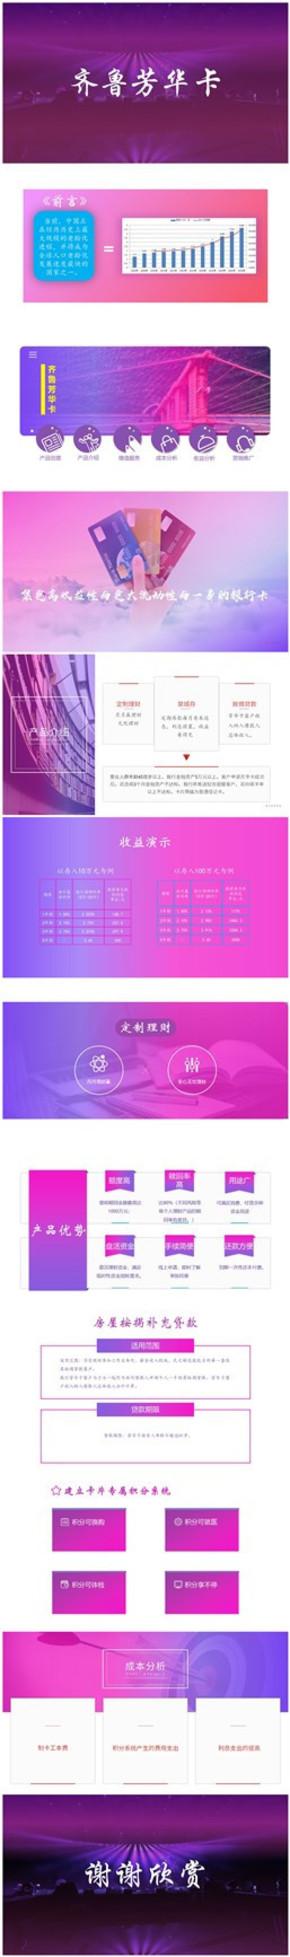 紫色银行业产品发布PPT